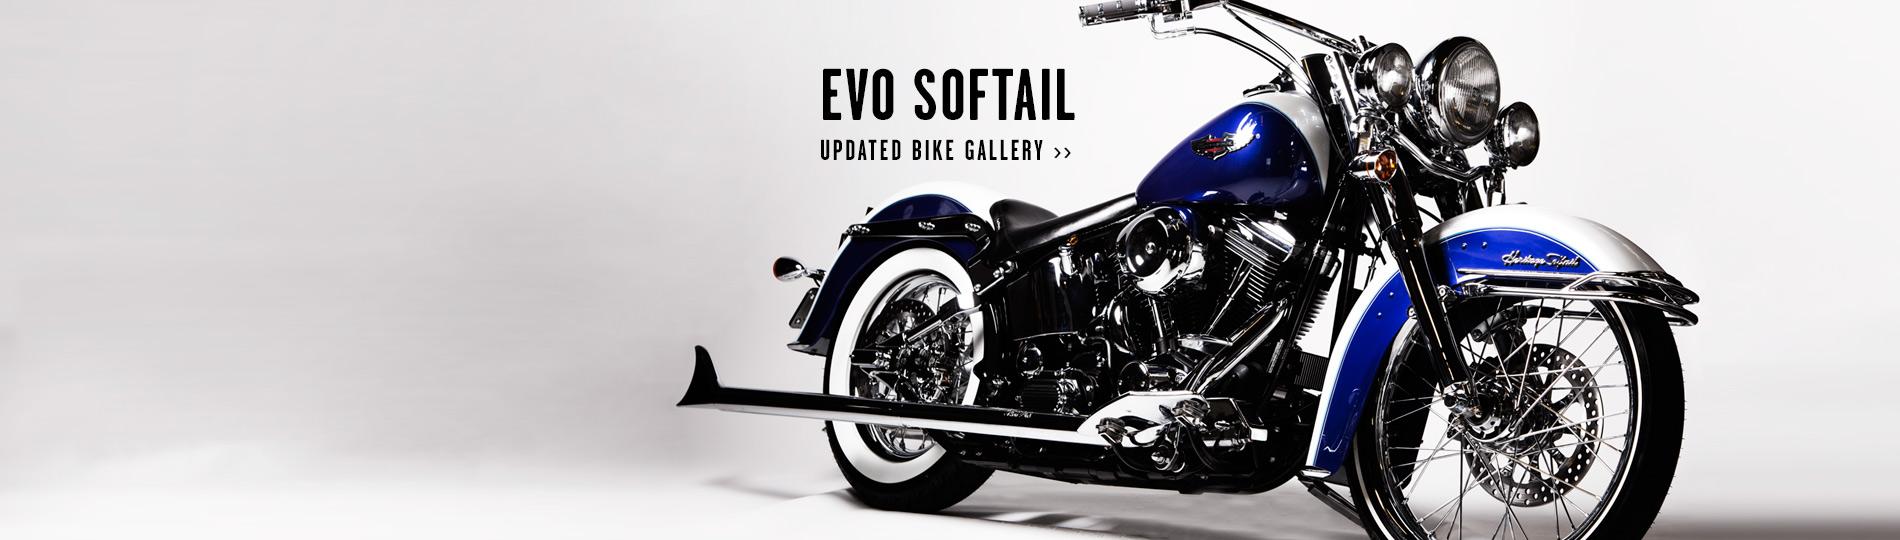 evosoftail1900X540